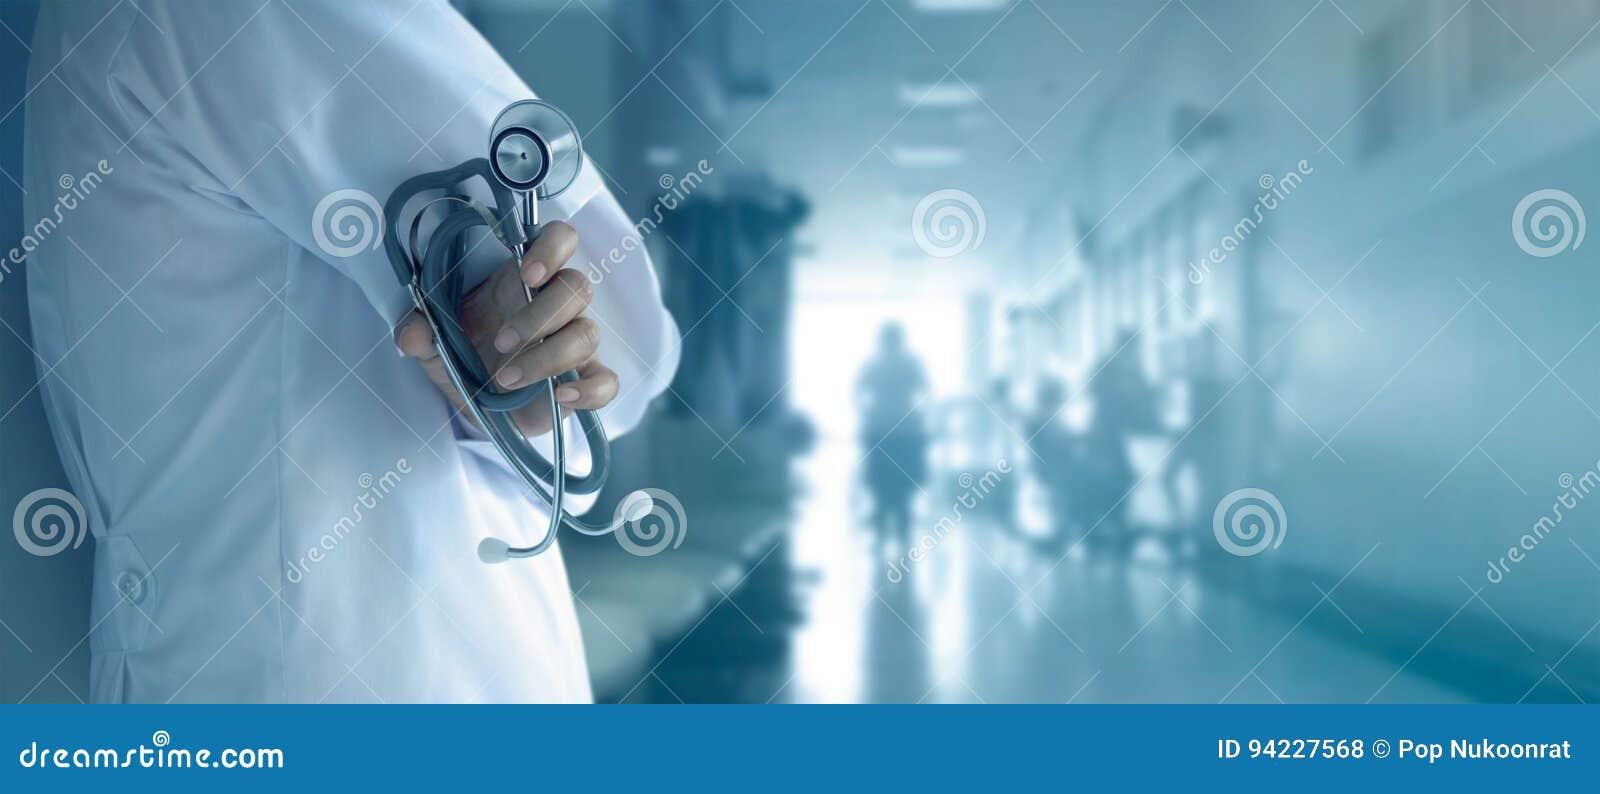 Doctor con el estetoscopio a disposición en fondo del hospital